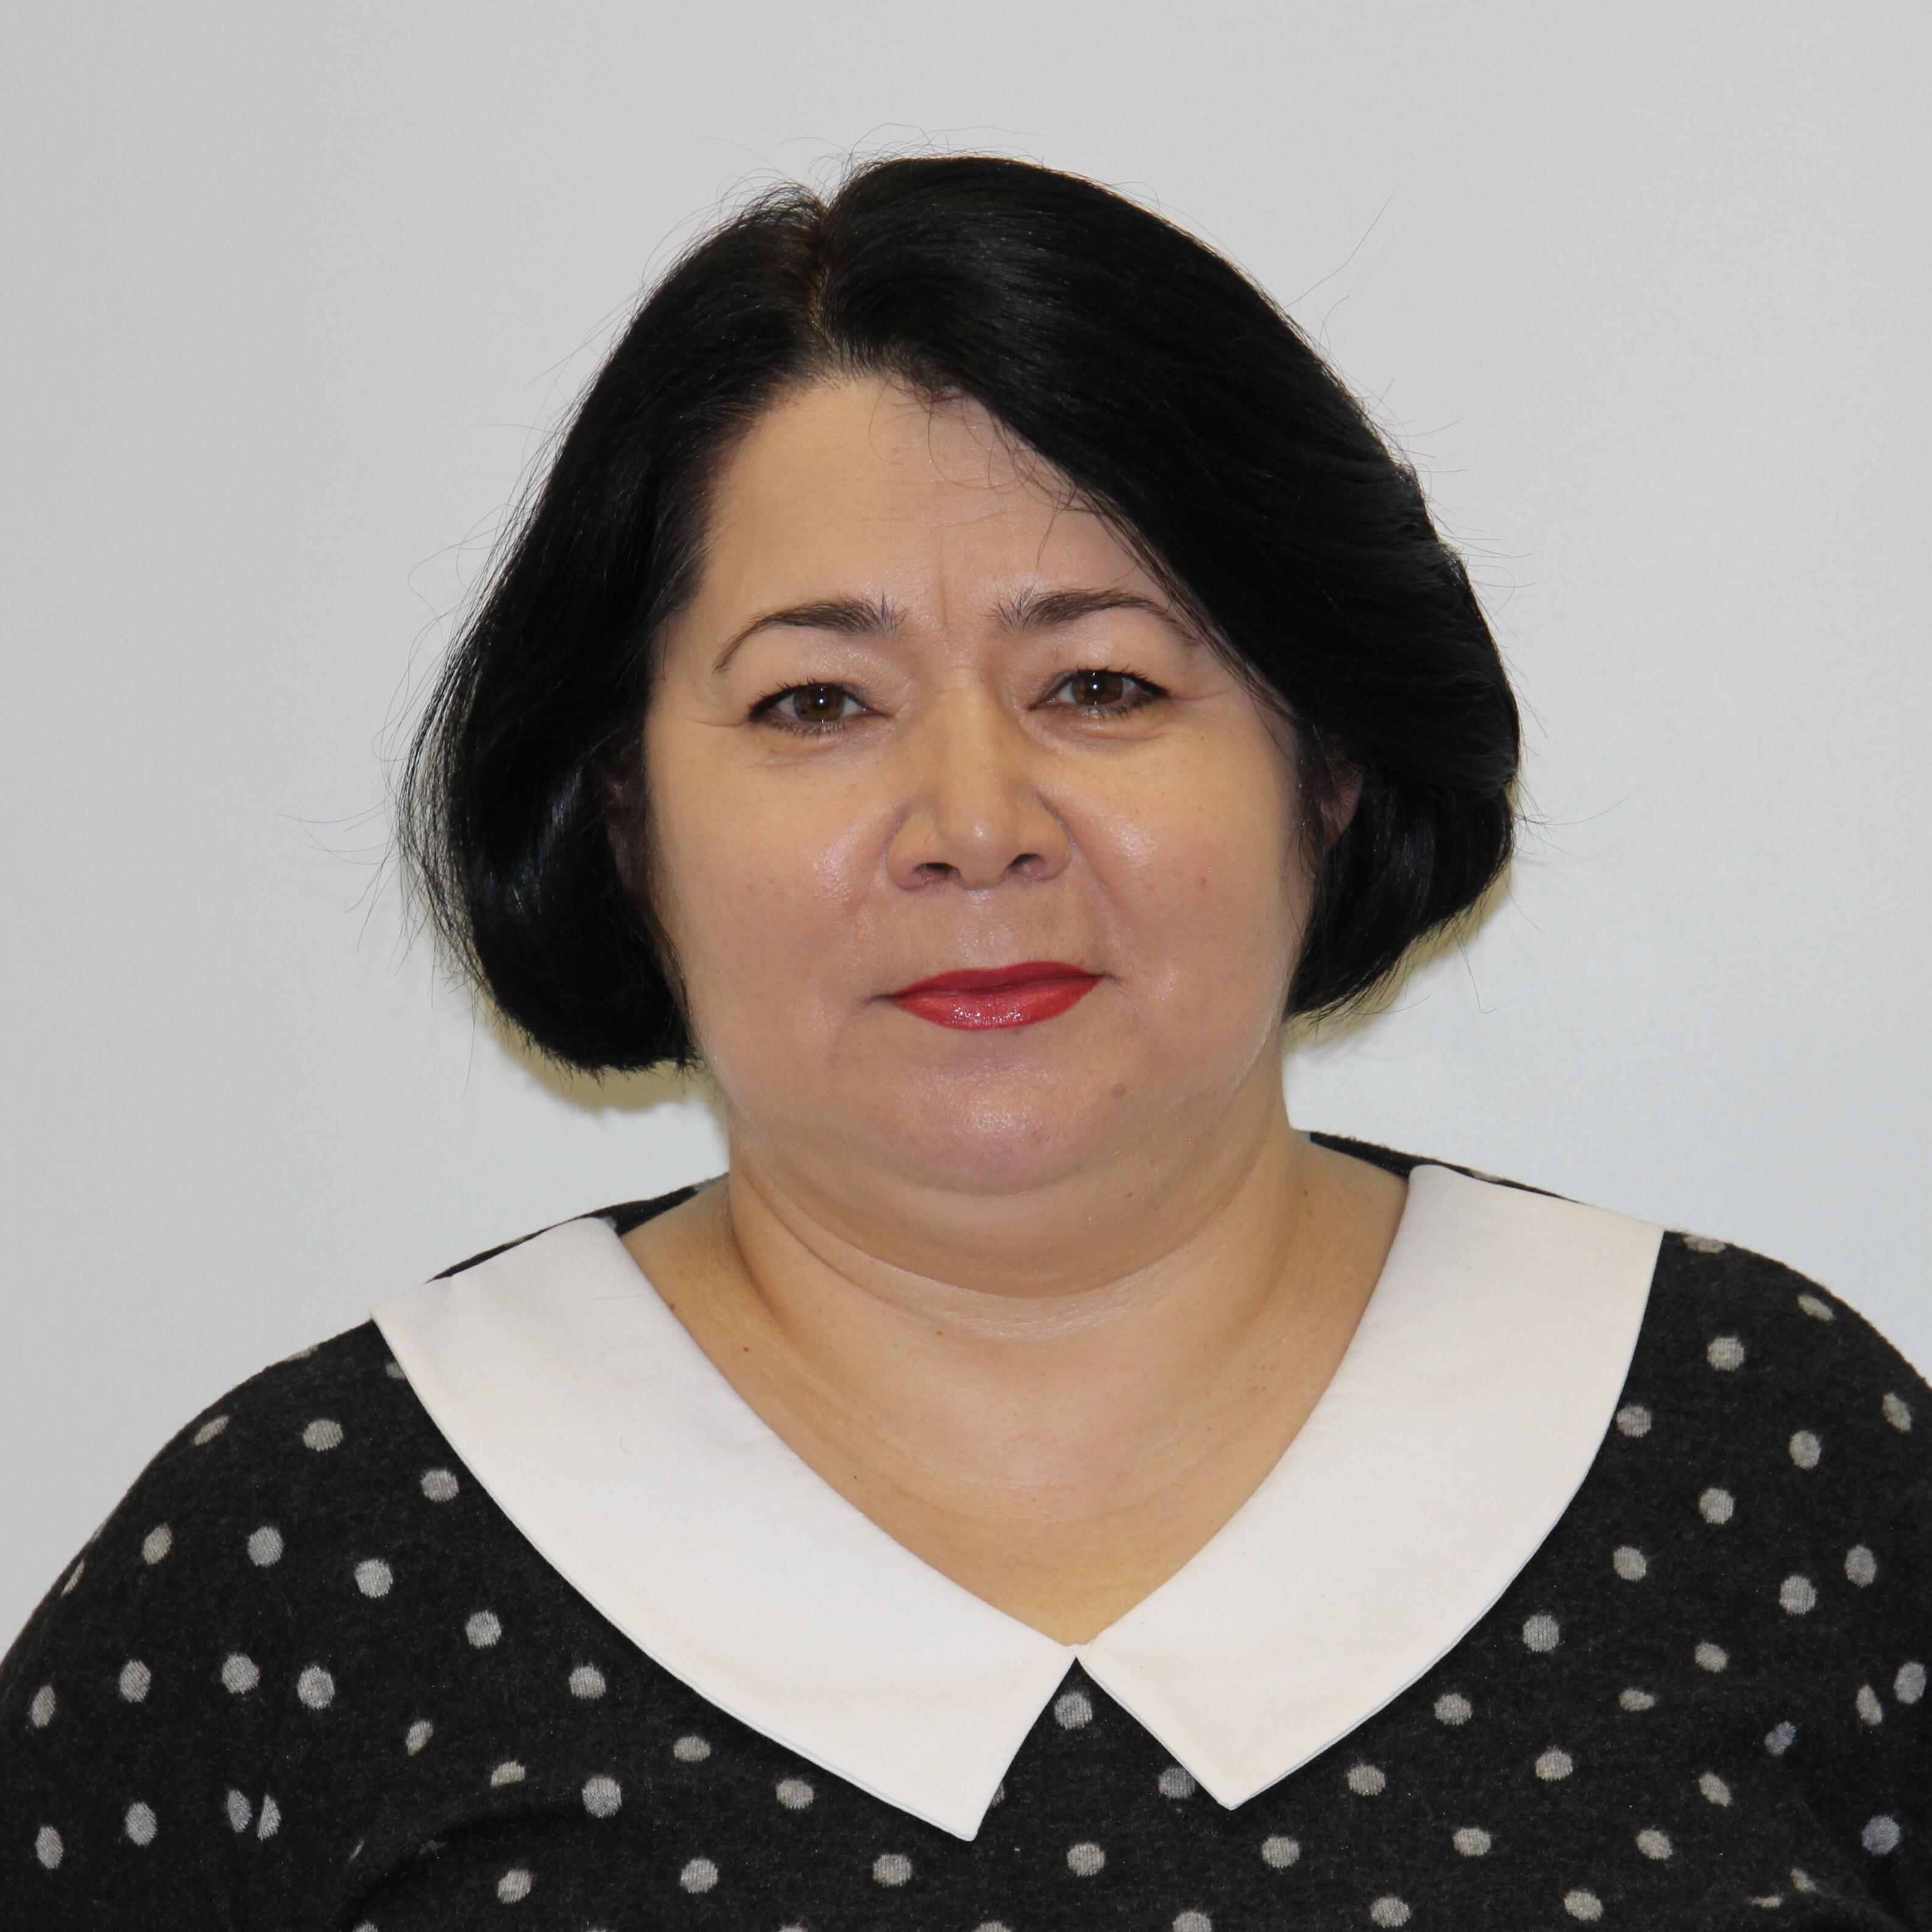 Стрикун Наталья Геннадьевна